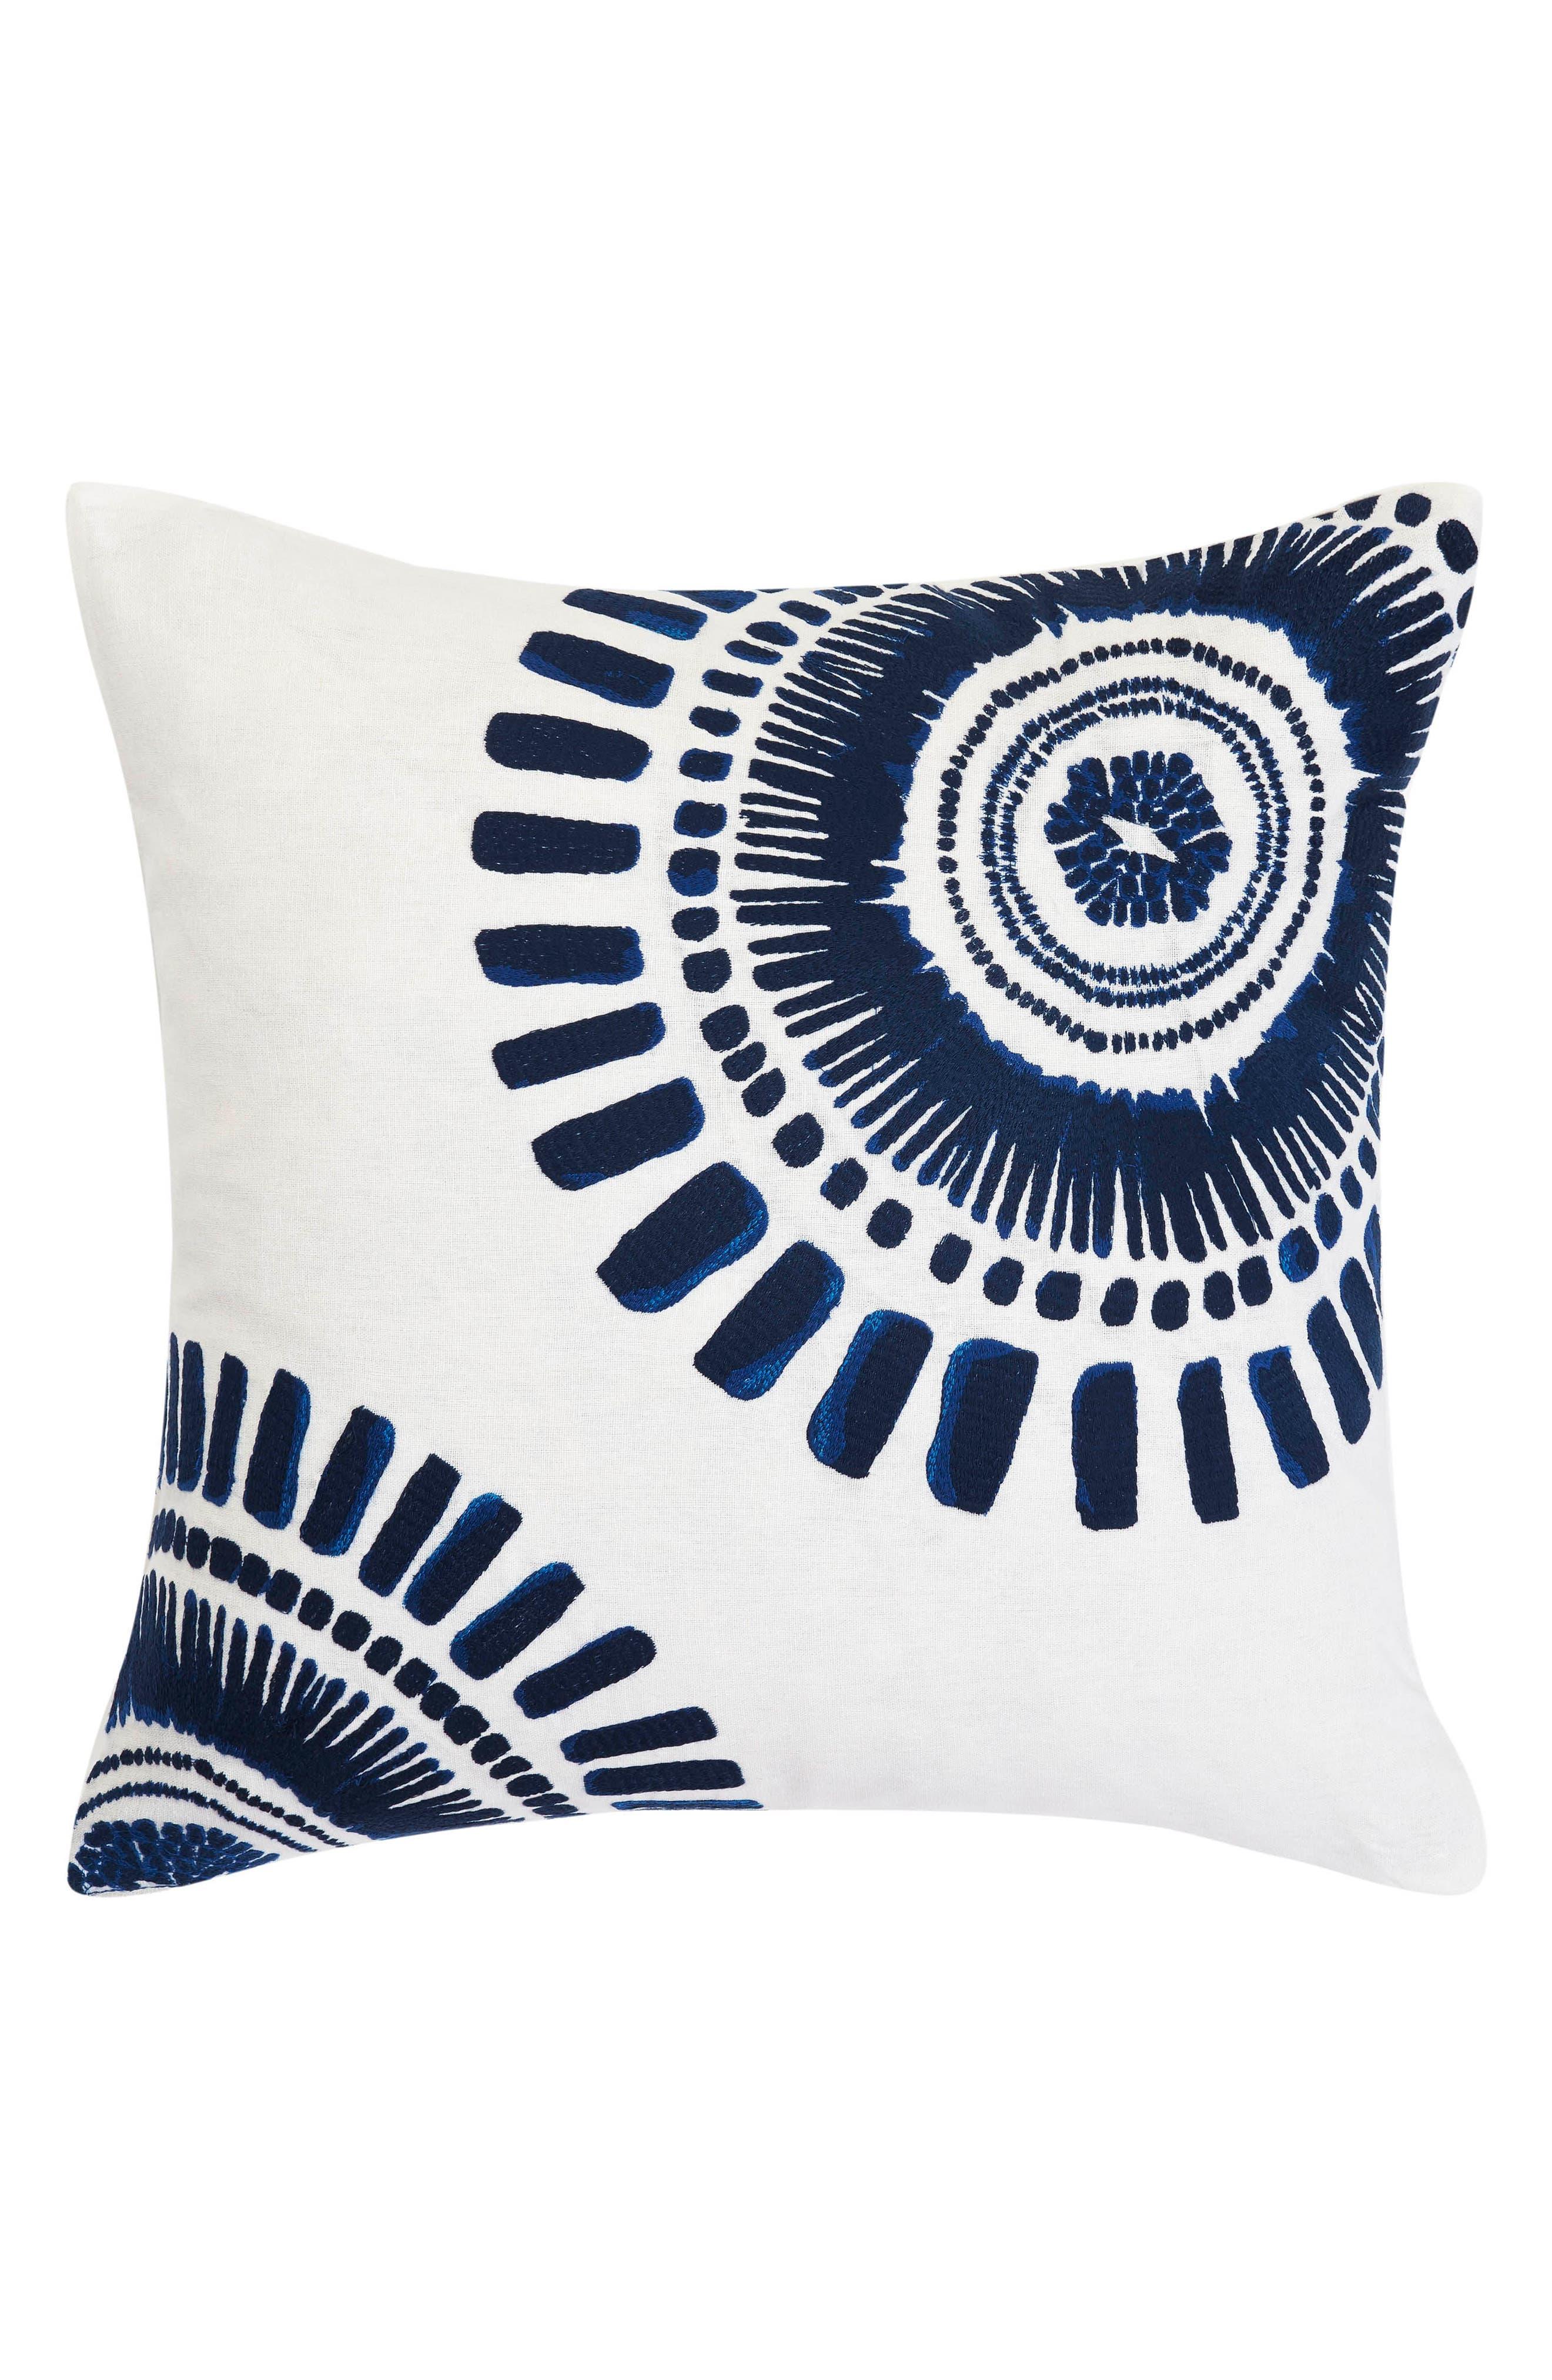 Alternate Image 1 Selected - Trina Turk Samba de Roda Accent Pillow